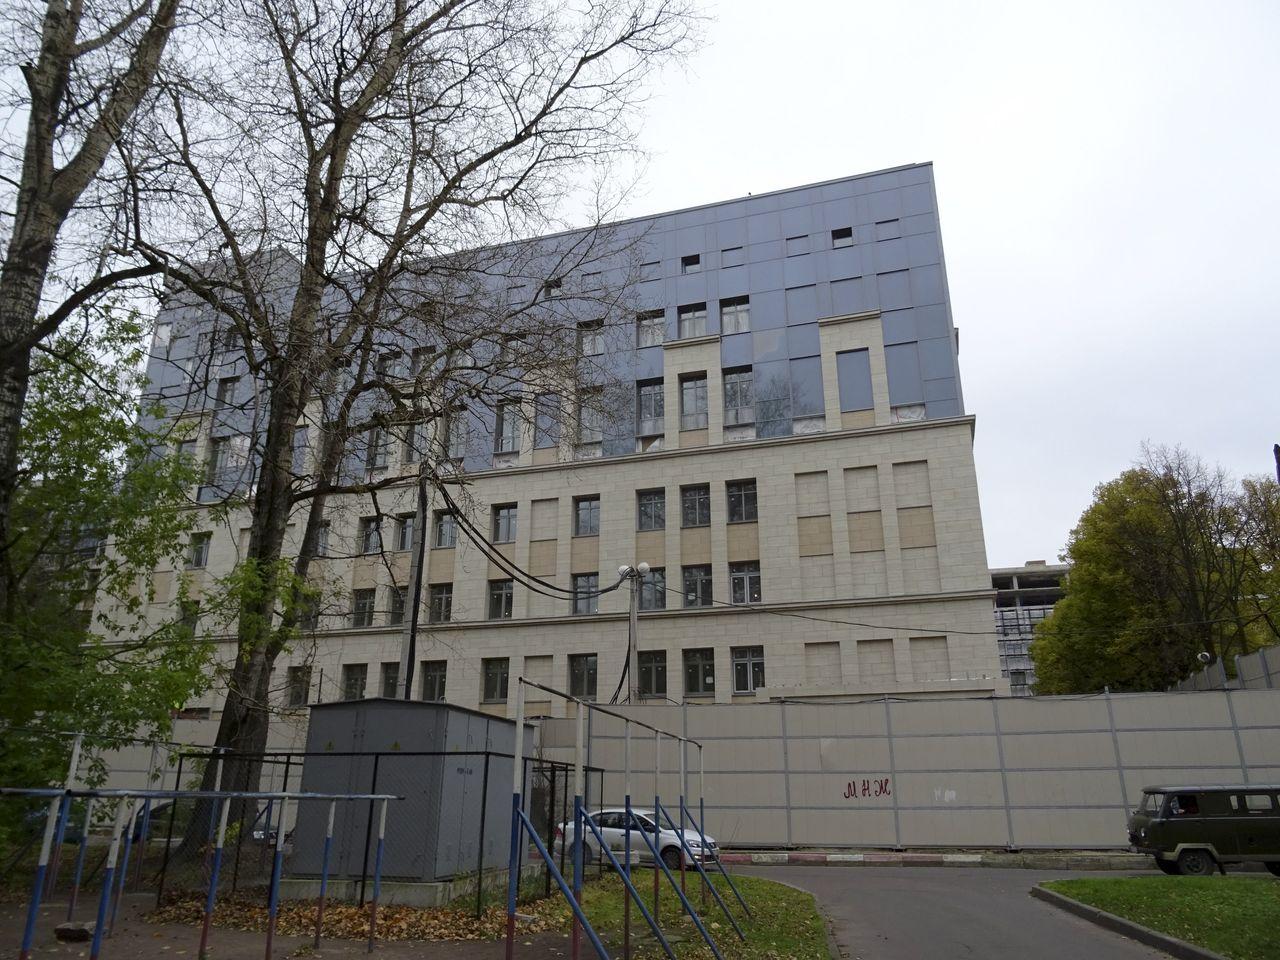 Военно-медицинская академия санкт петербург клиника рентгенрадиологии как оплачивается больничный лист беременным до декрета